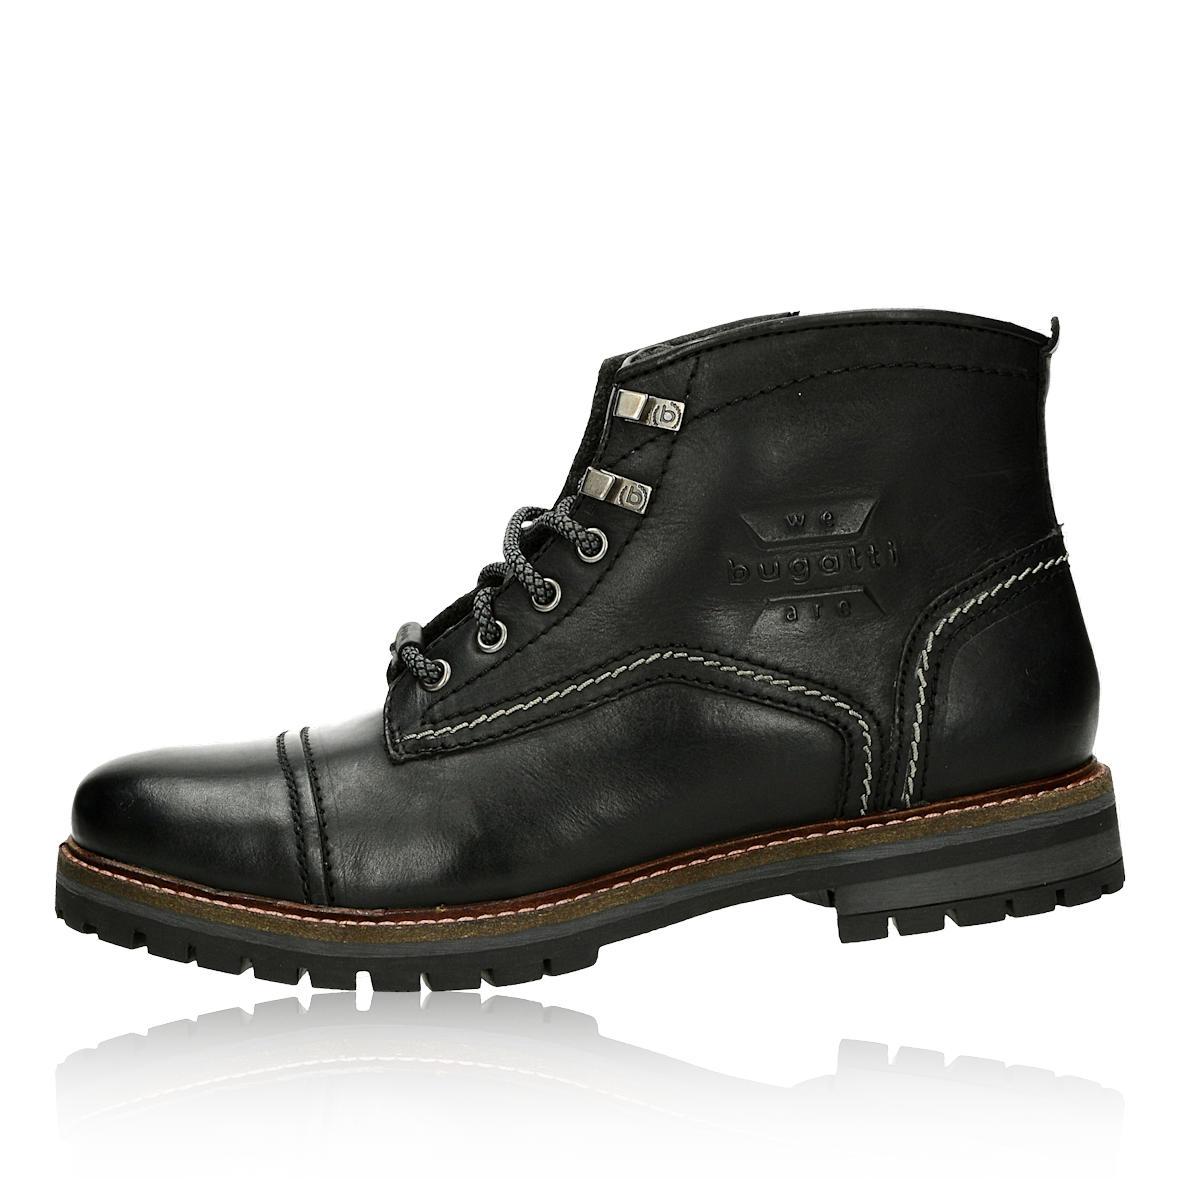 ... Bugatti pánska kožená členková obuv na zips - čierna ... 2d74d77a9fc